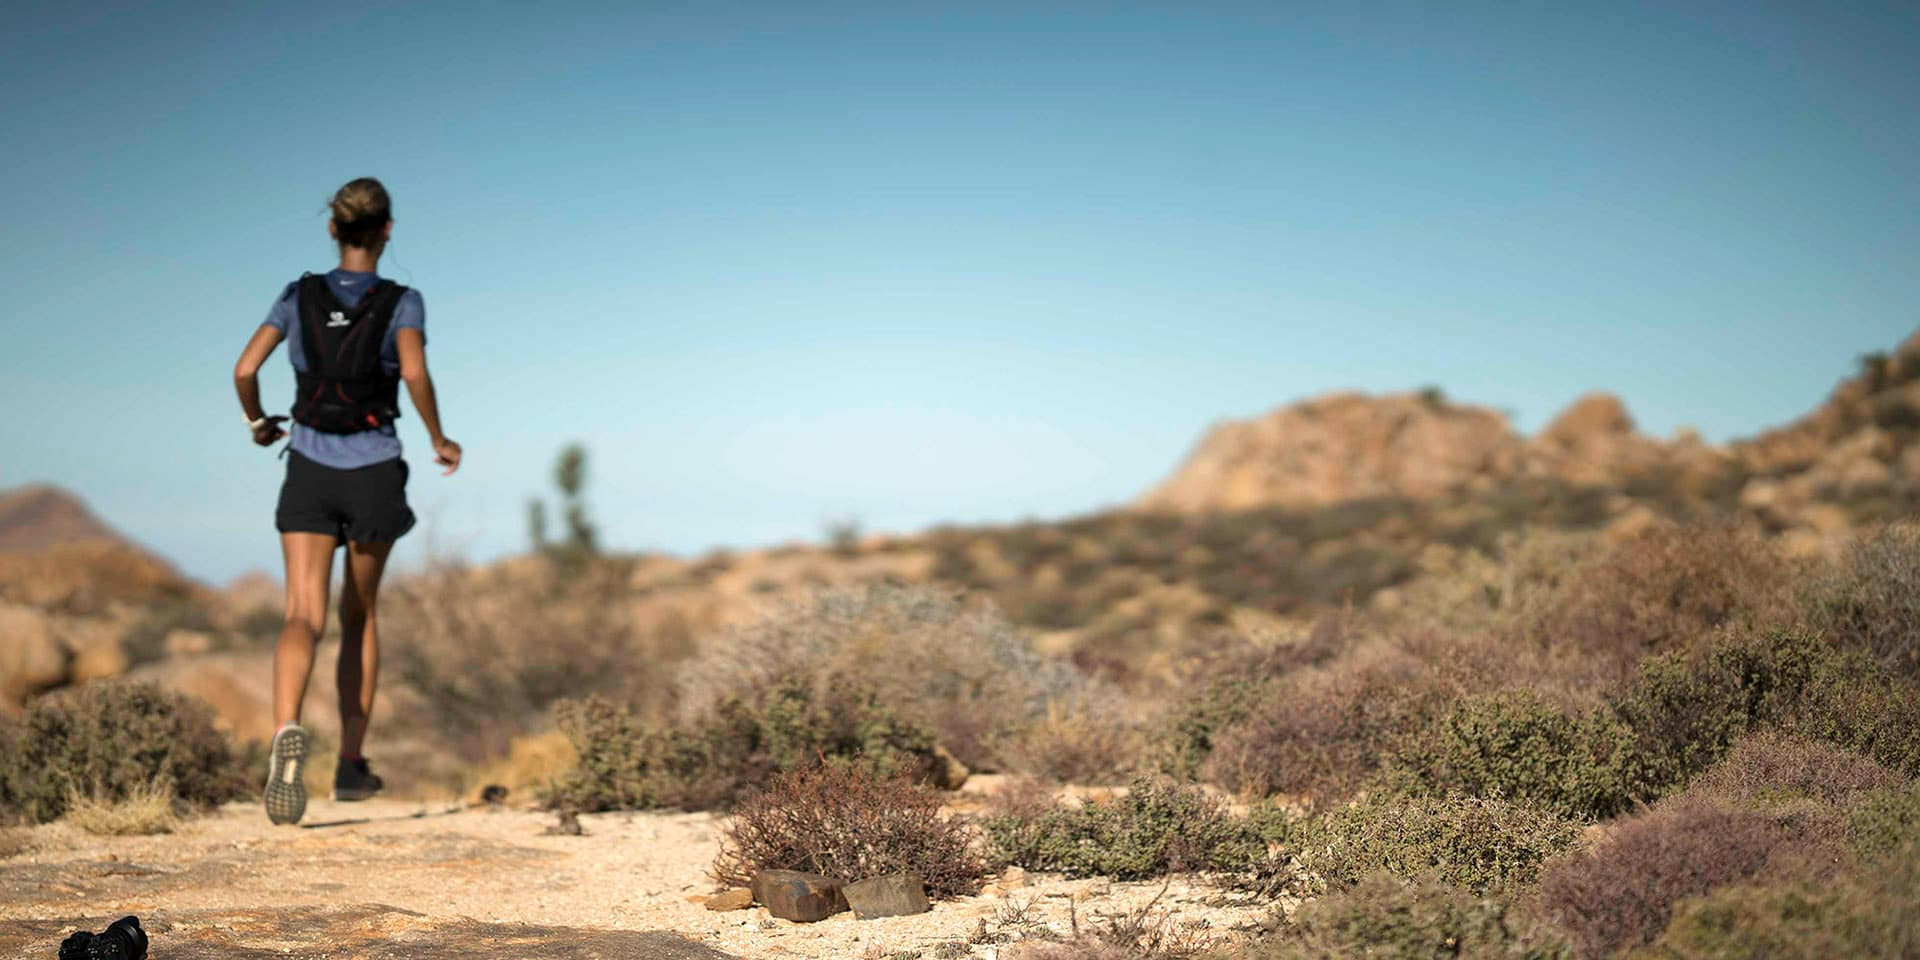 Marathon in Namibia